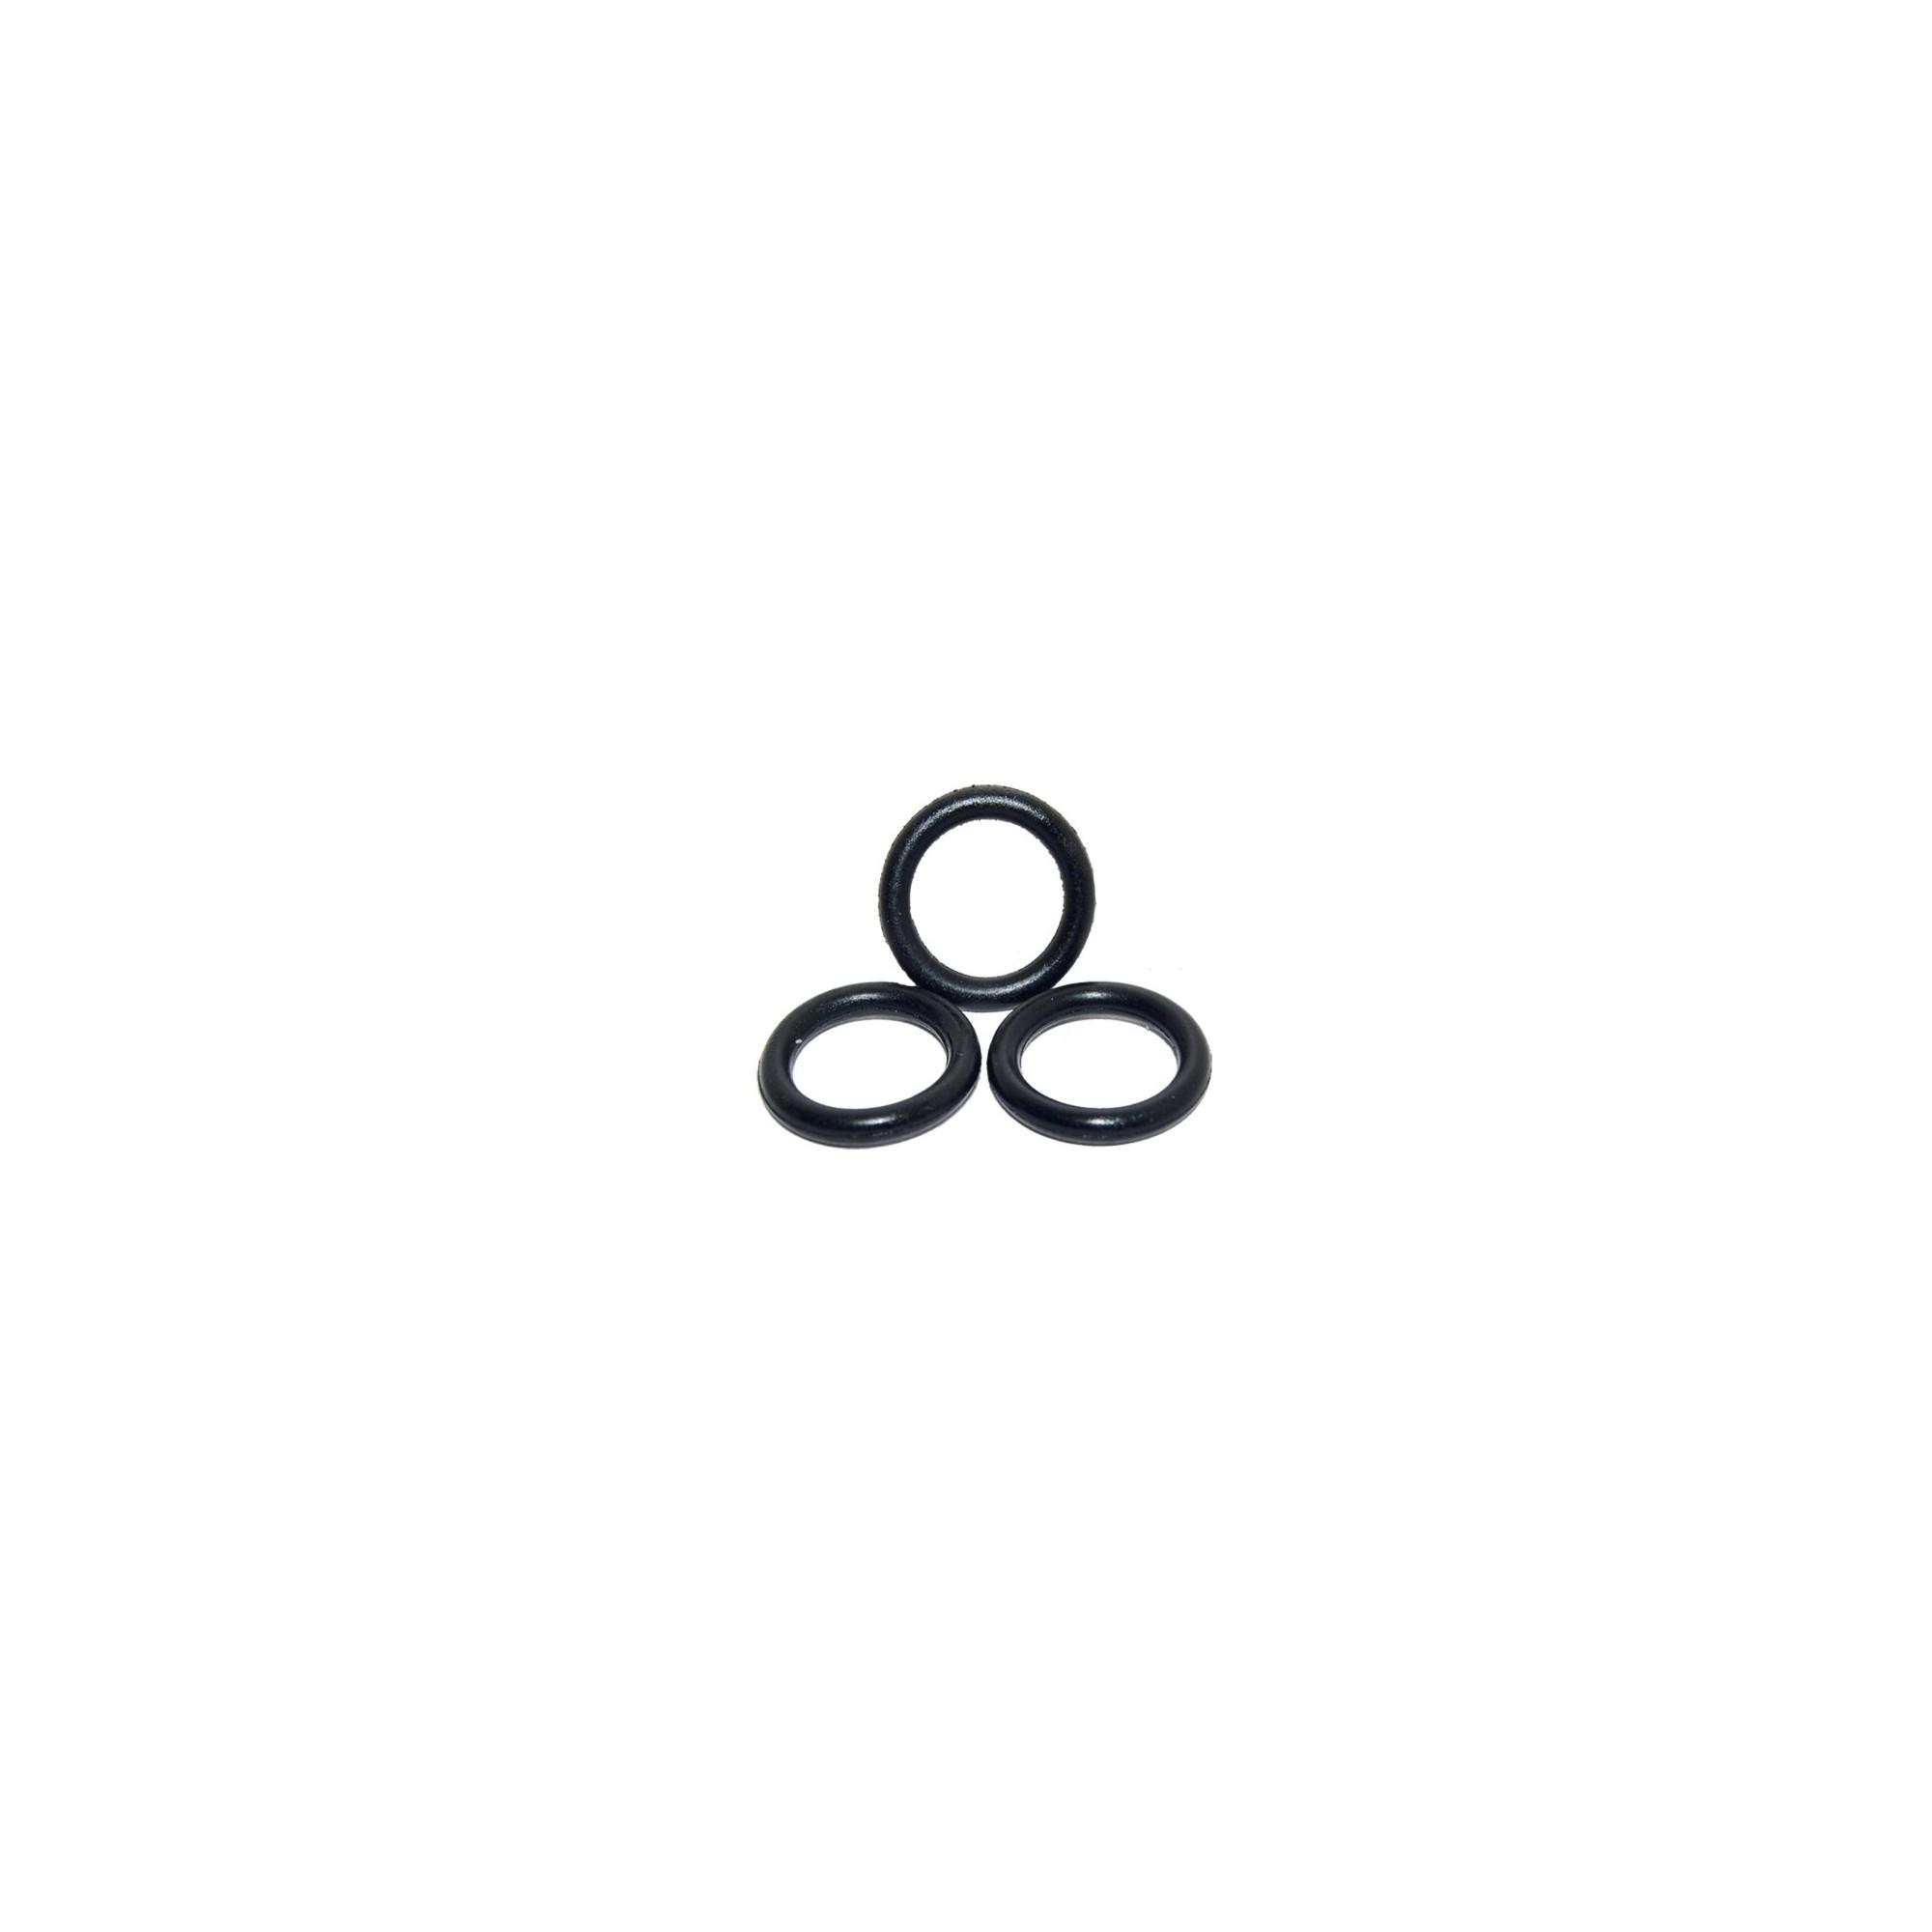 Упаковка резиновых прокладок 100 шт кольцо на отечественный гусак 16мм*11.2мм*2.4мм J.G. - 1